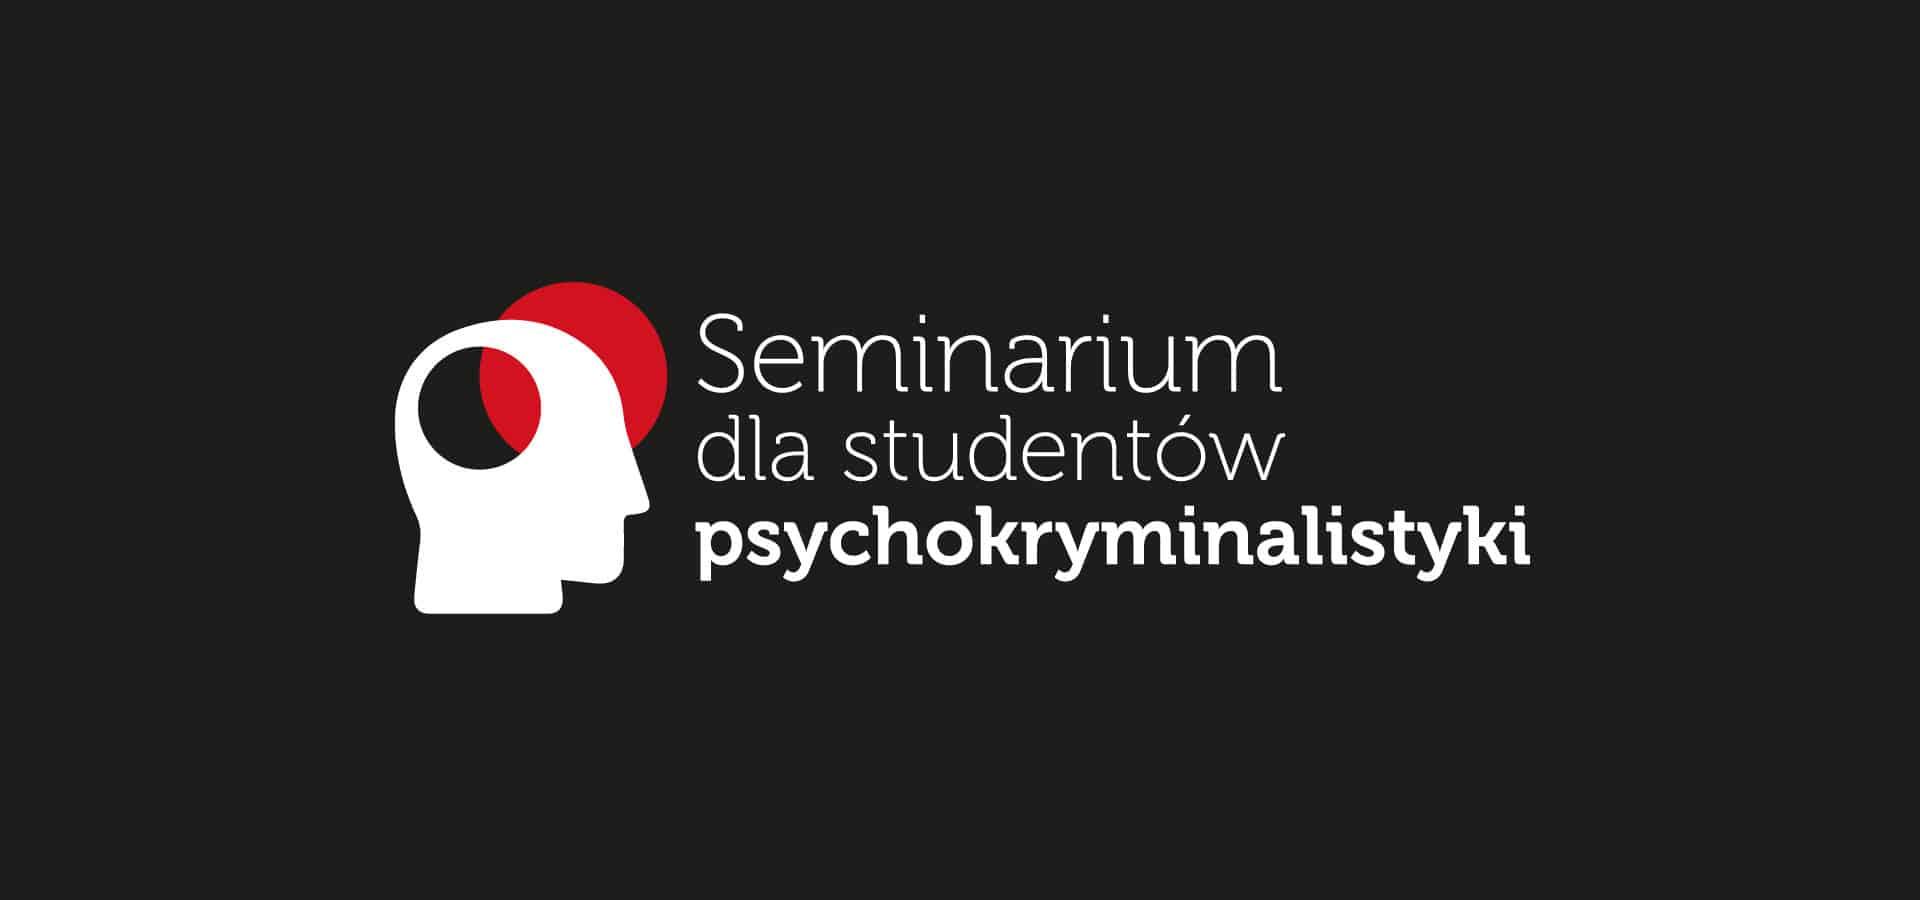 Grafika przedstawiająca seminarium dla studentów psychokryminalistyki